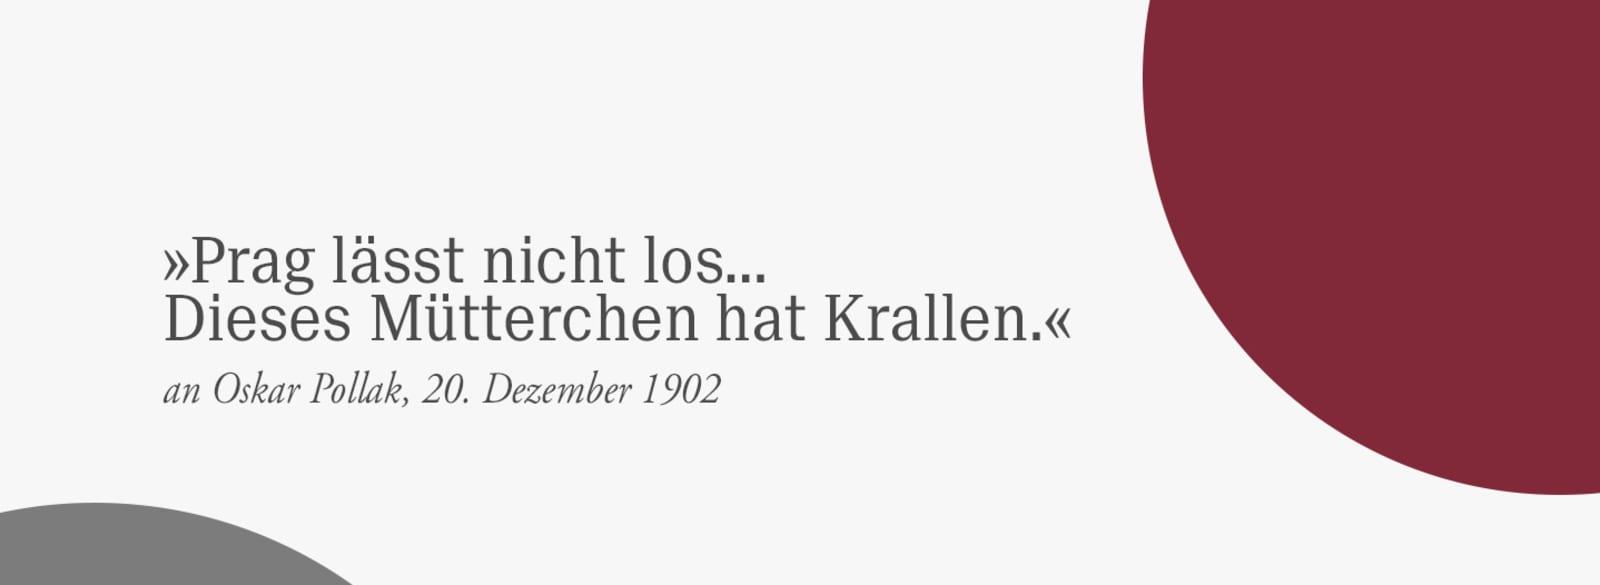 """Zitat von Franz Kafka: """"Prag lässt nicht los. Dieses Mütterchen hat Krallen."""""""